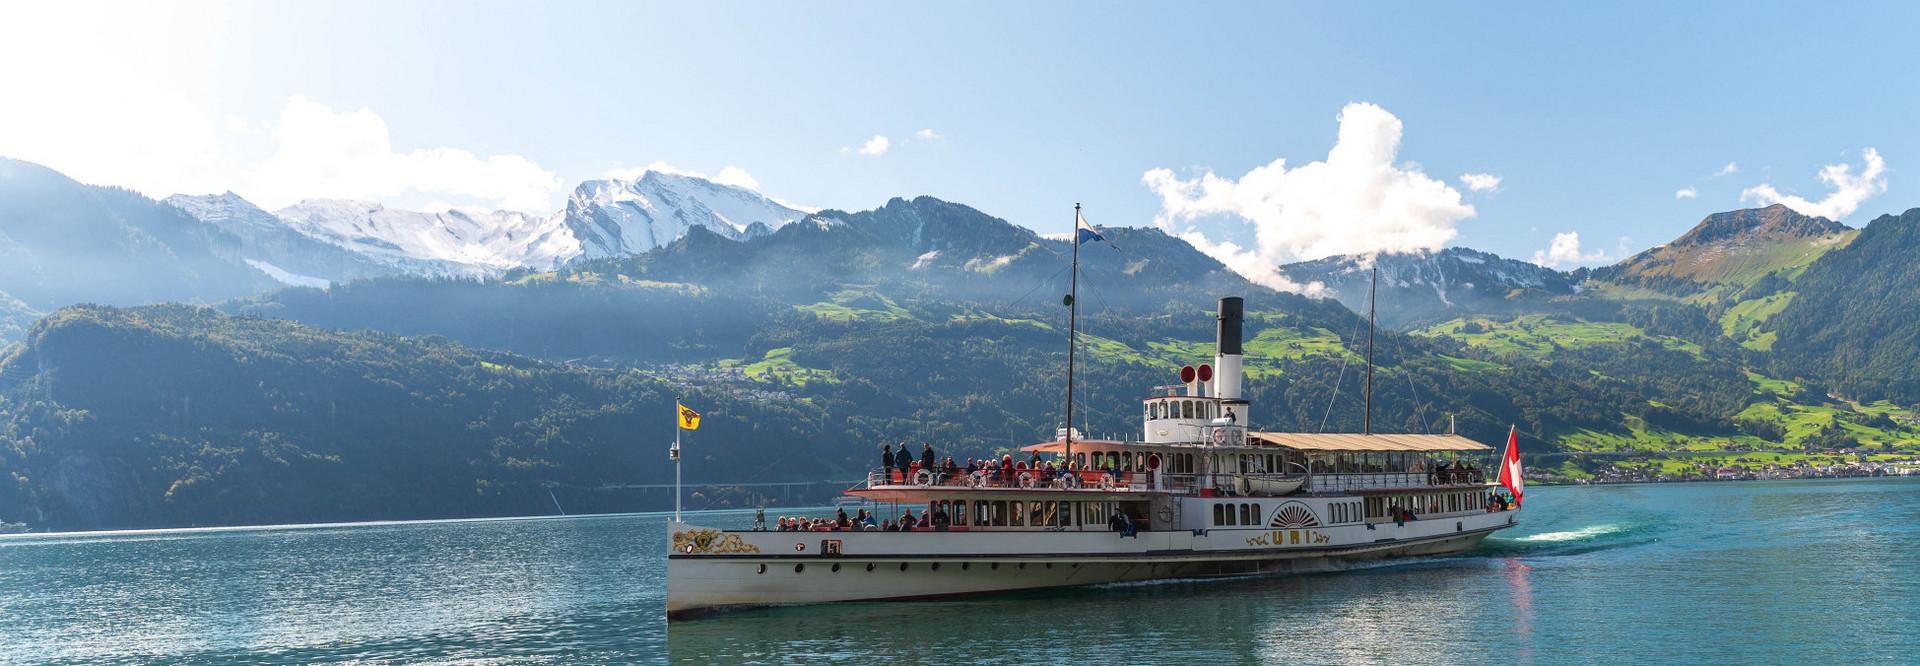 Das Dampfschiff Uri auf dem Vierwaldstättersee.